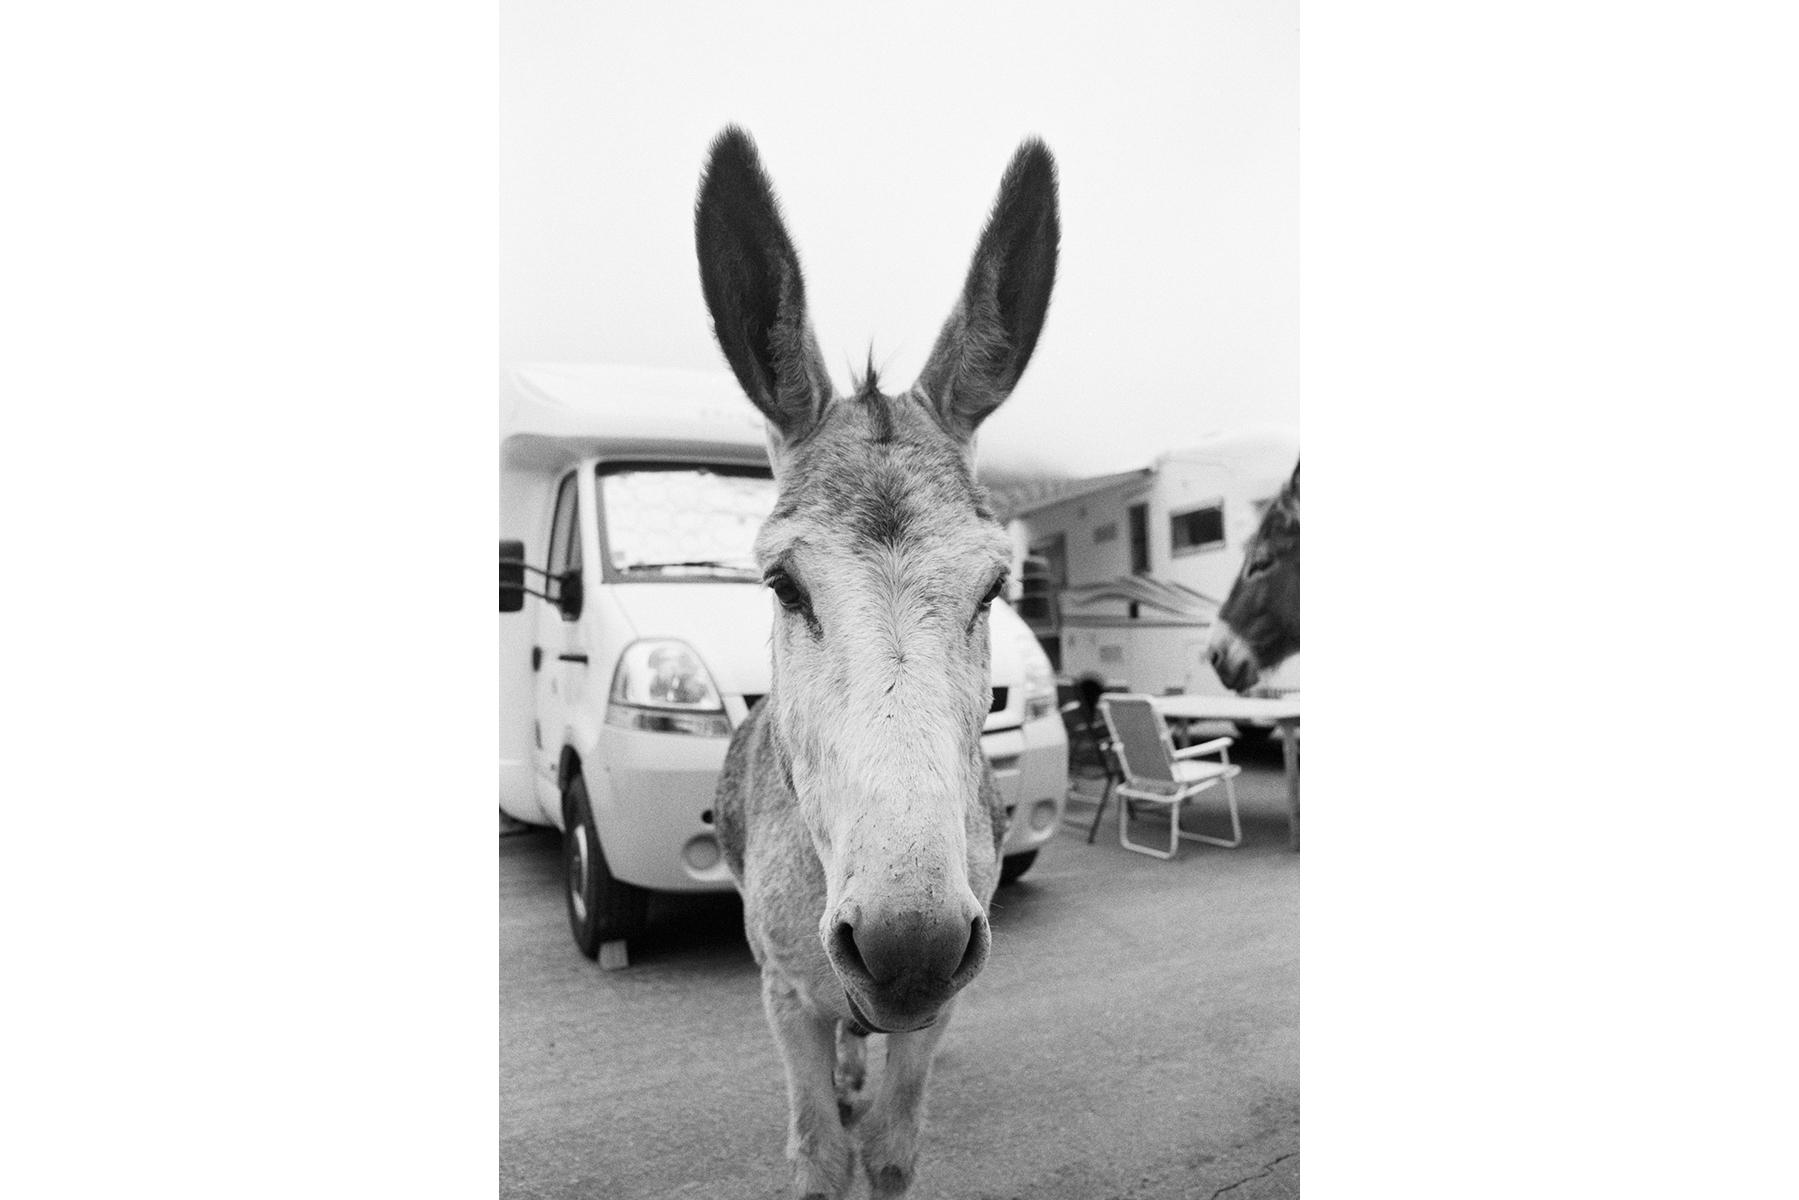 Le Tour de France 2008 The only wild animal I met during my Tour de France Safari. Je crois que ce fut le seul animal sauvage que j'ai rencontré dans mon safari à travers le Tour de France. Das einzige wilde Tier, dem ich auf meiner Foto-Safari während der Tour de France begegnet bin. Creo que este fue el único animal salvaje, que me encontré en mi safari por el tour.